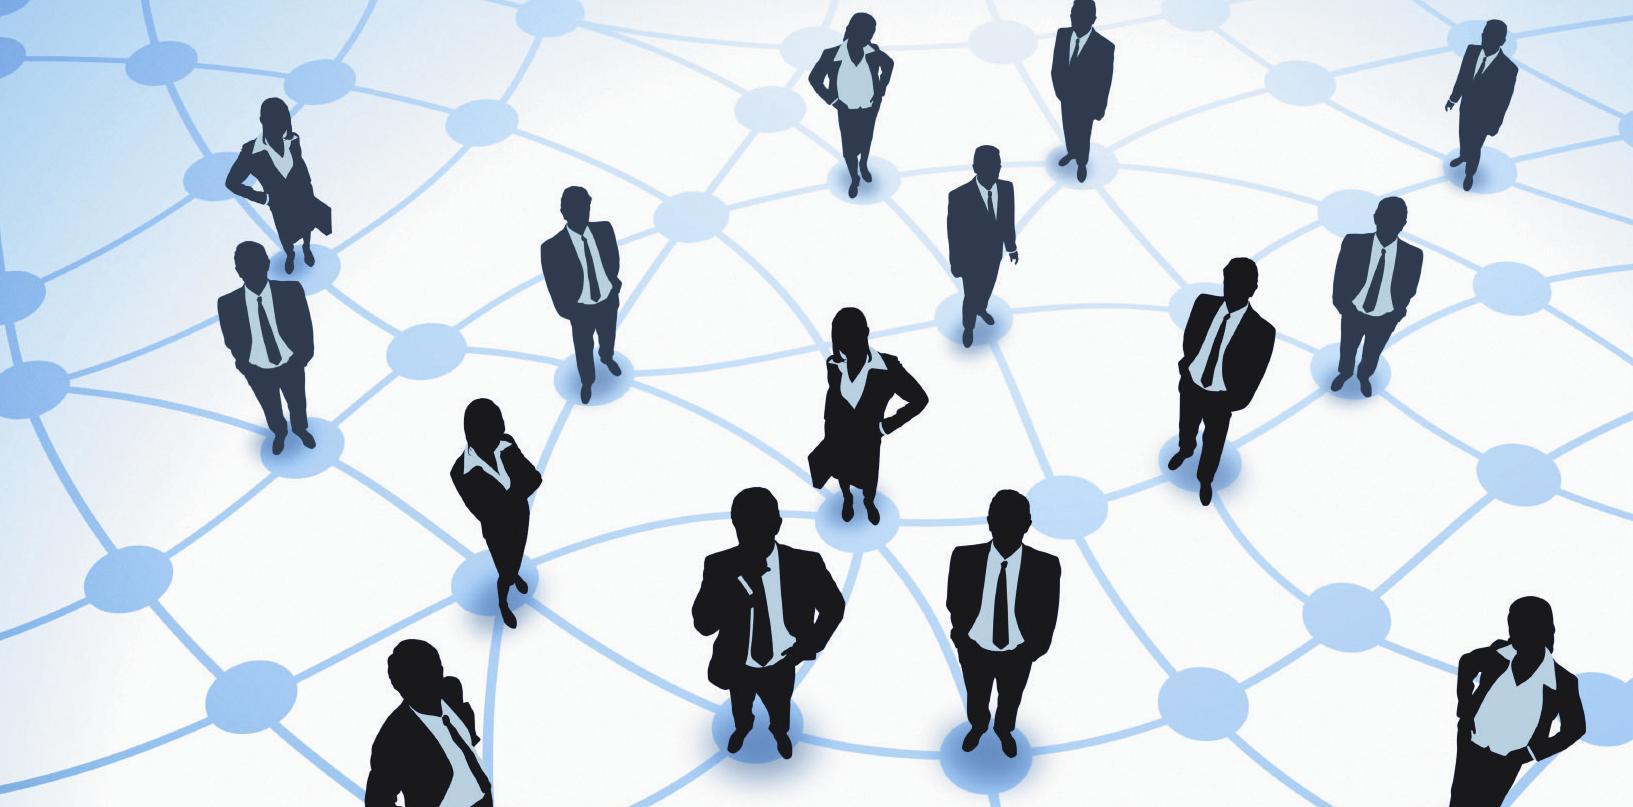 CNAPPC: sulle reti d'impresa si muovano Governo e Parlamento